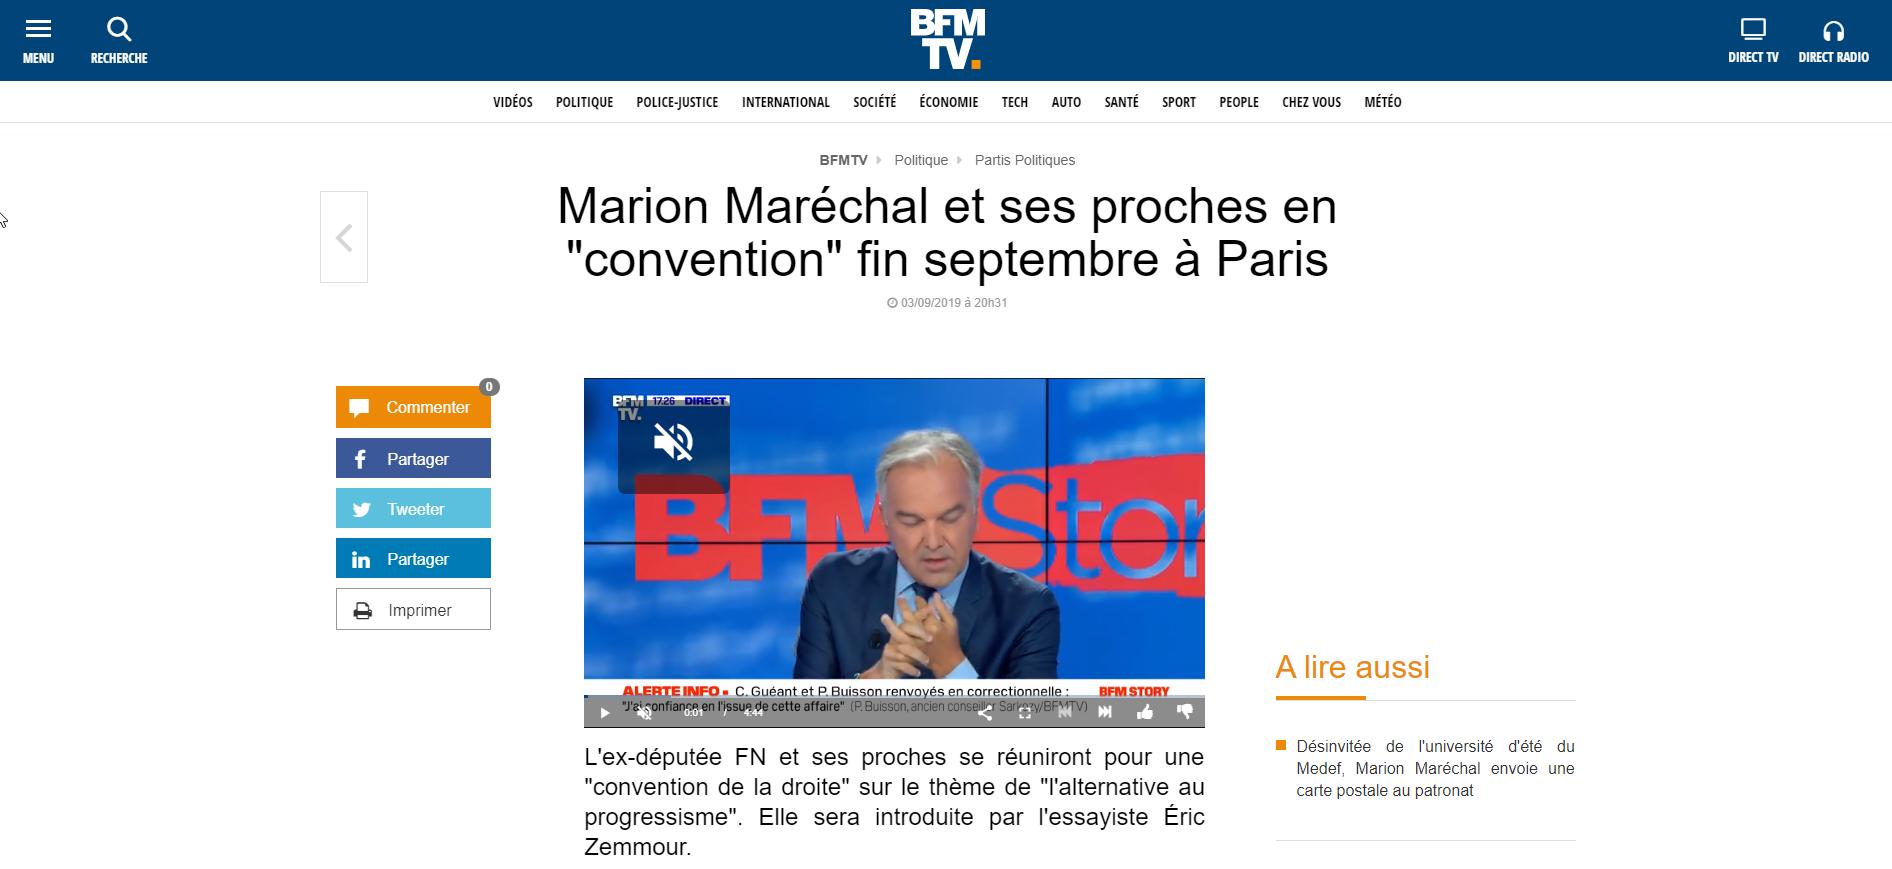 2019-09-04 17_50_17-Marion Maréchal et ses proches en « convention » fin septembre à Paris